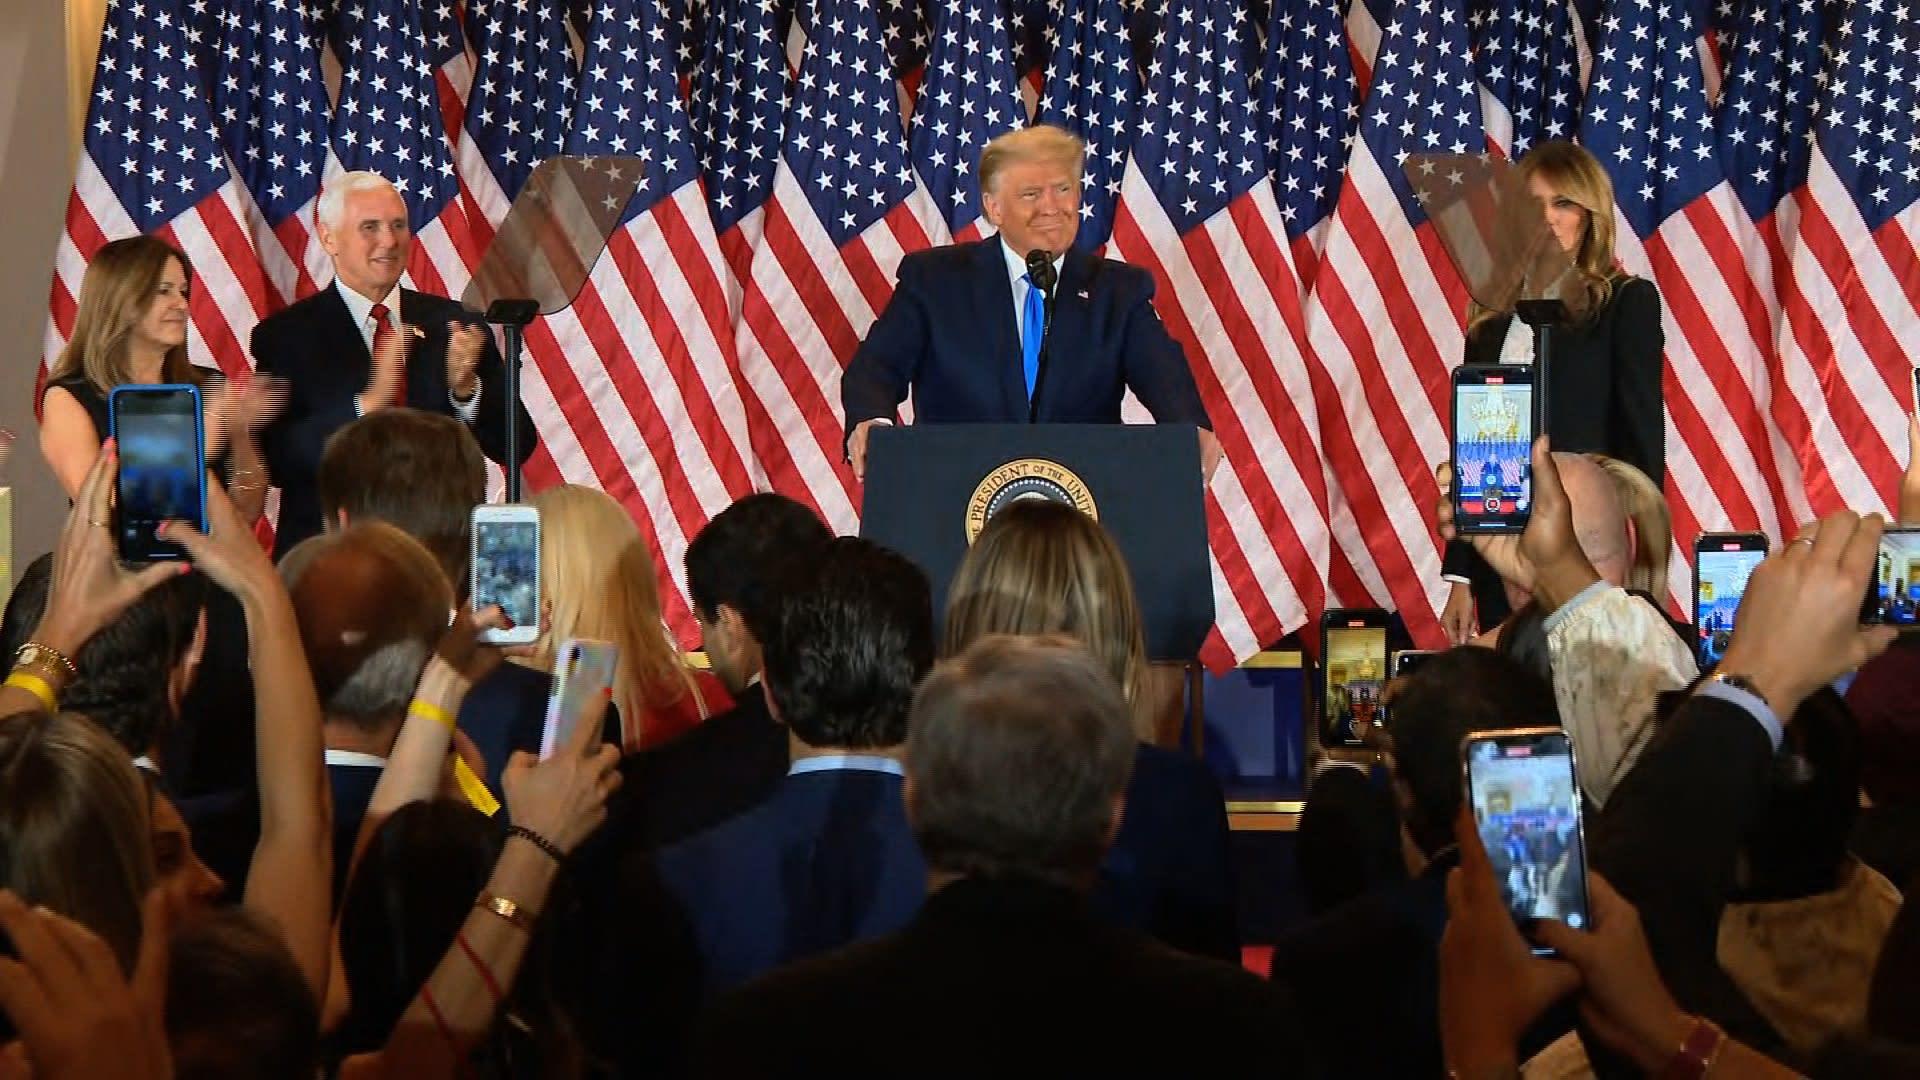 خوفاً من العنف بعد الانتخابات.. هكذا سيحمي البيت الأبيض نفسه من فوضى محتملة